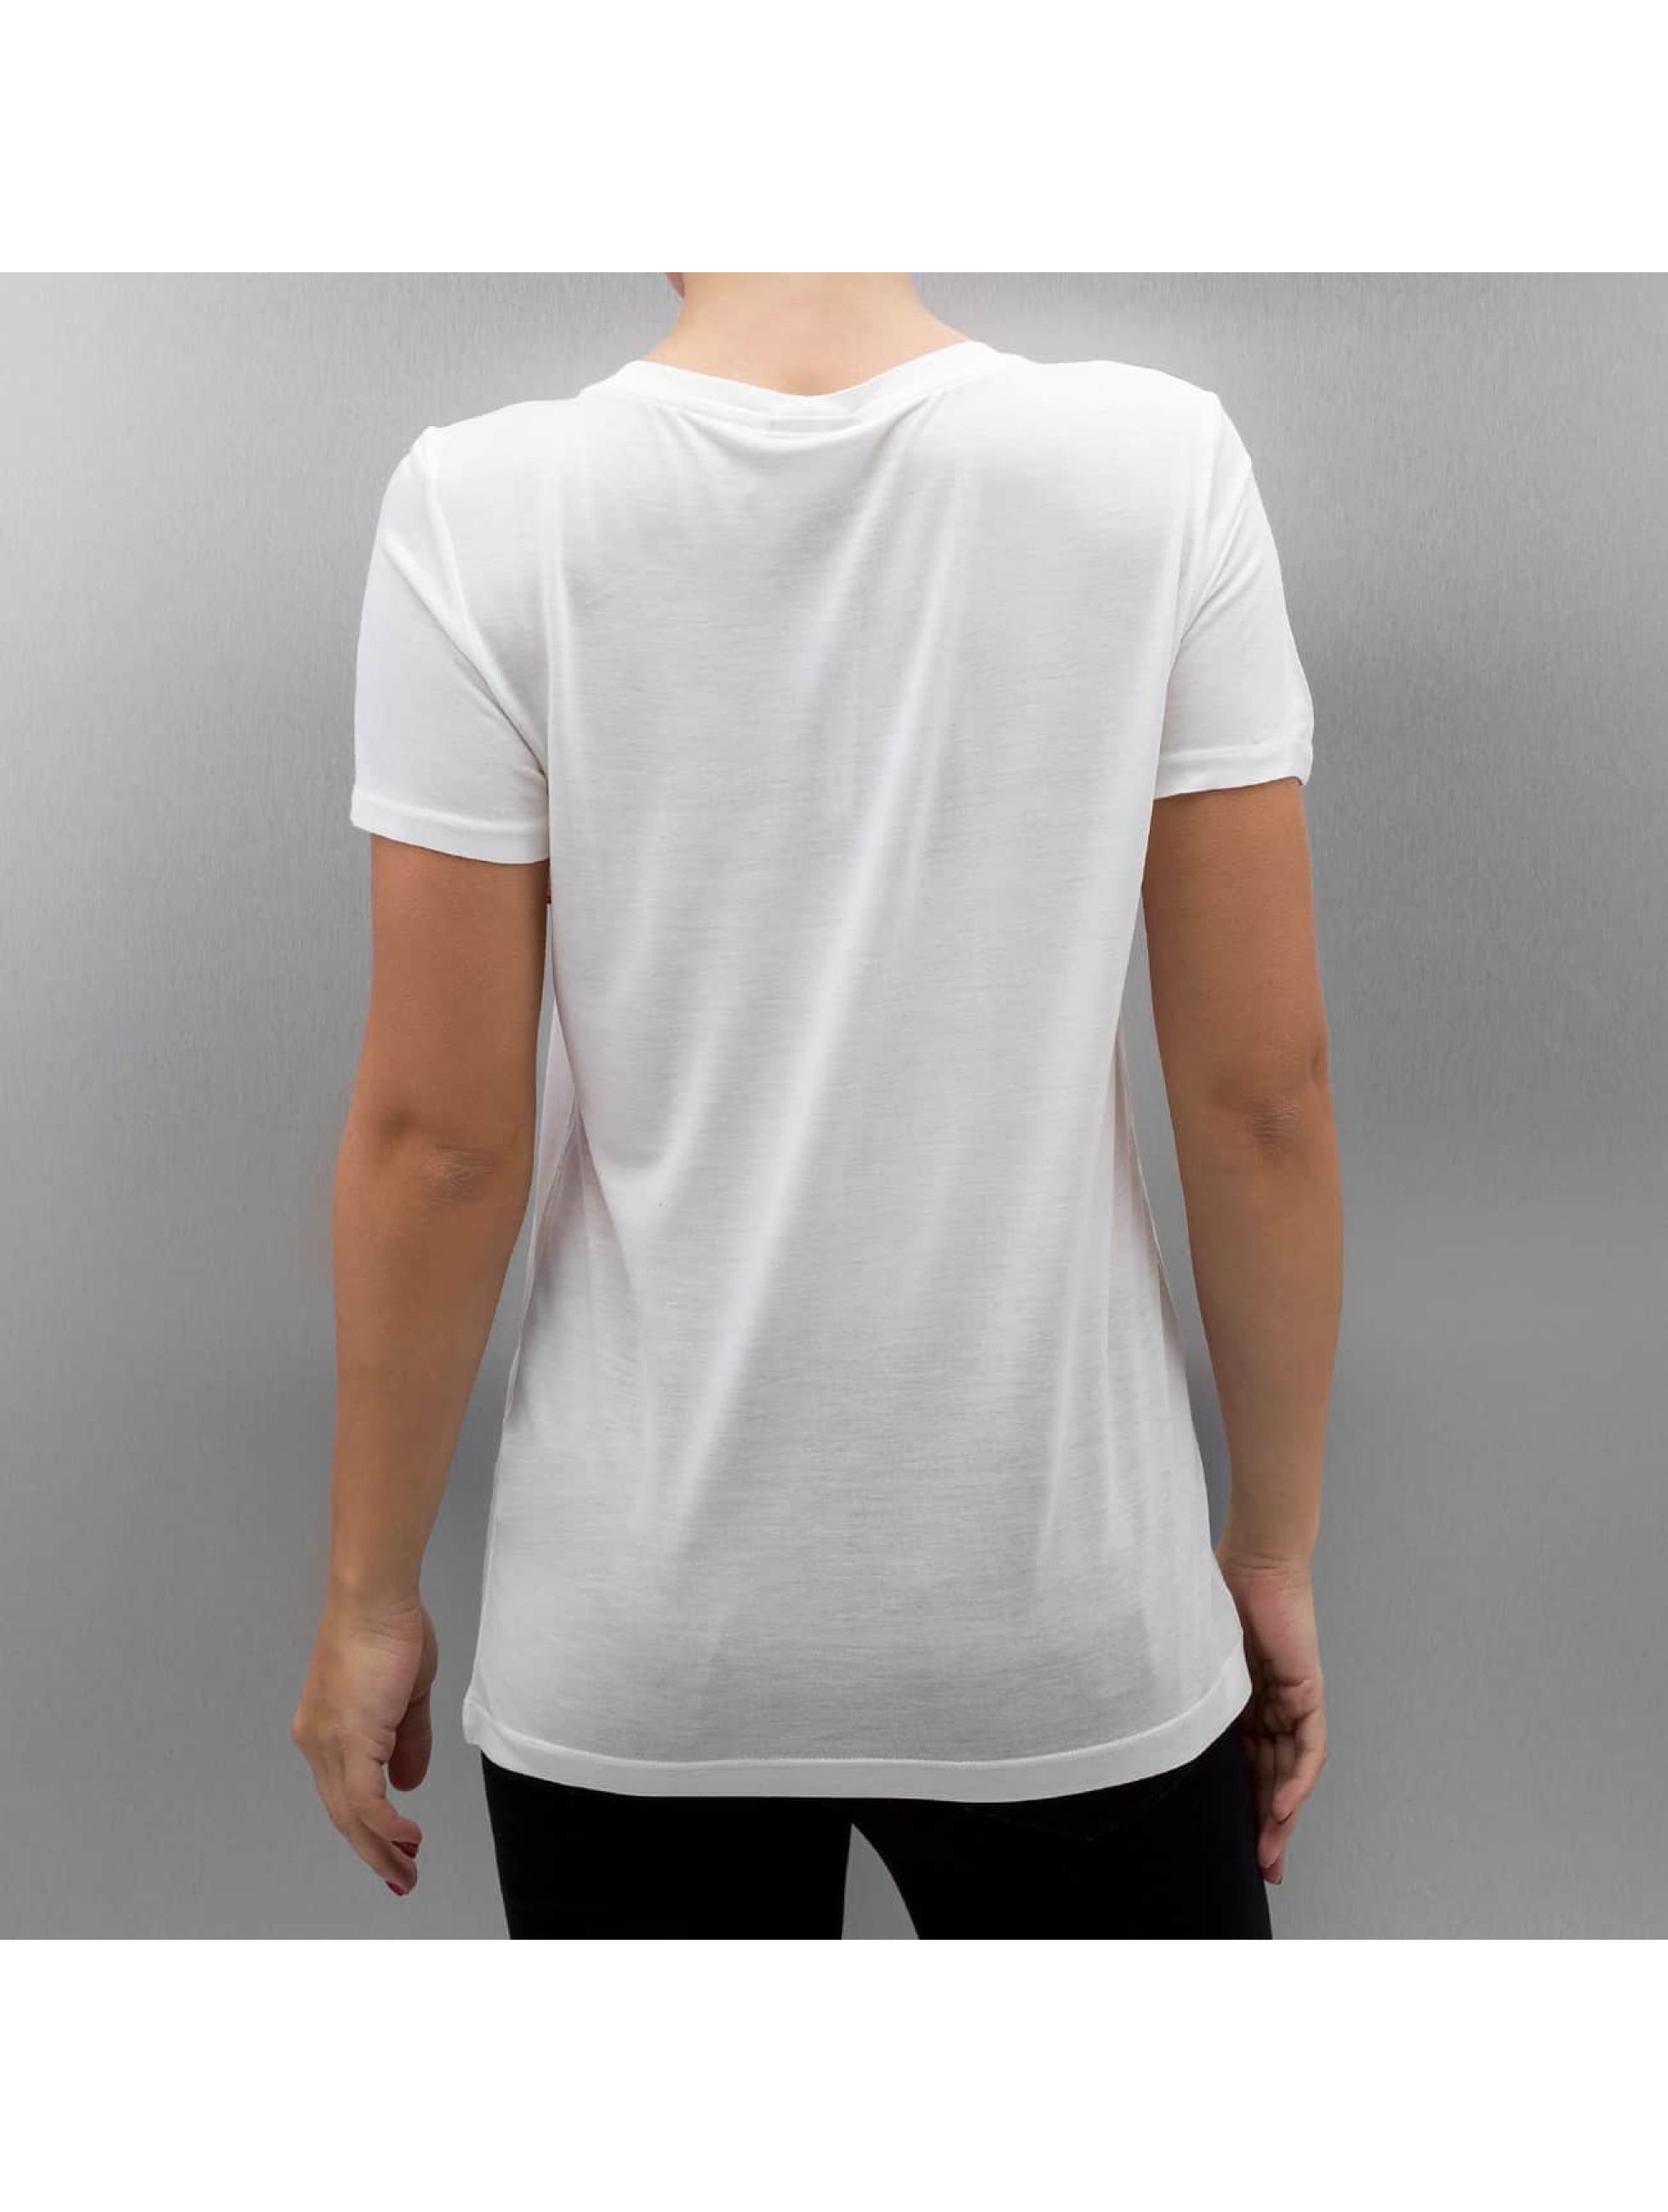 Vero Moda Tričká VmChristmas Sequin biela